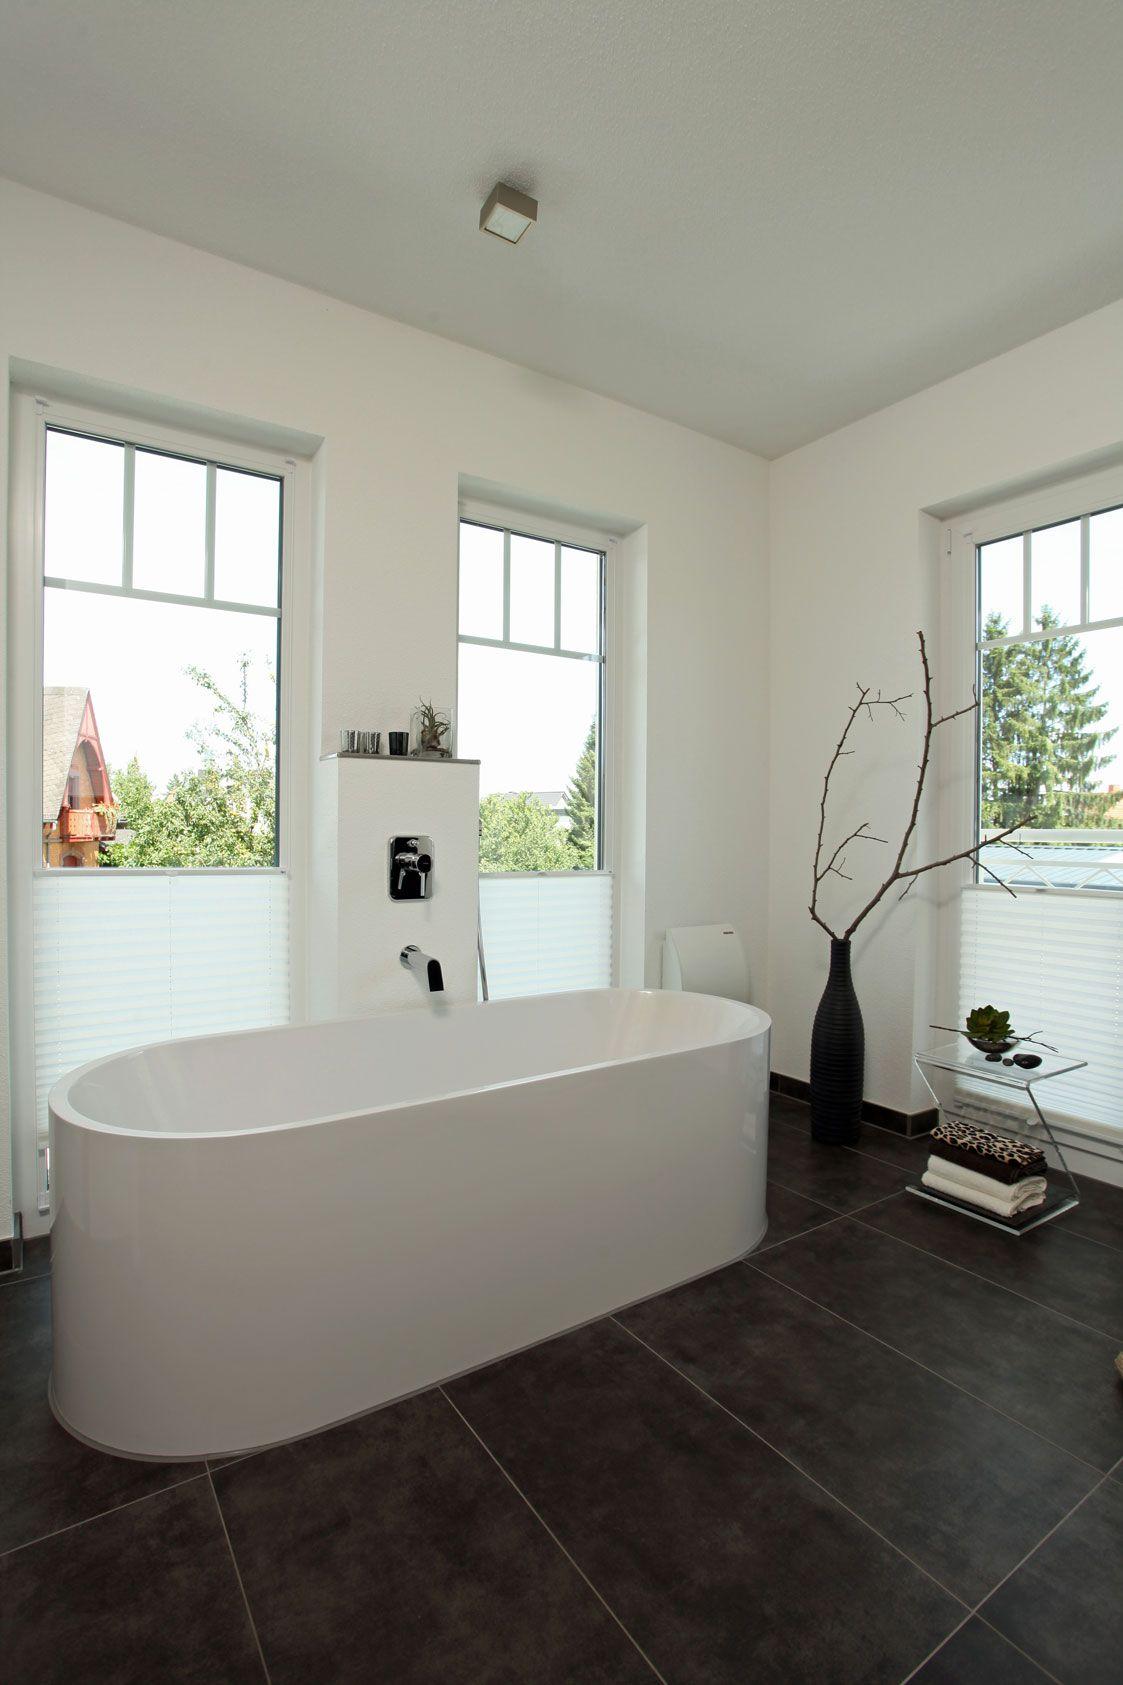 Badezimmer mit freistehender badewanne future home - Badezimmer fenster ...